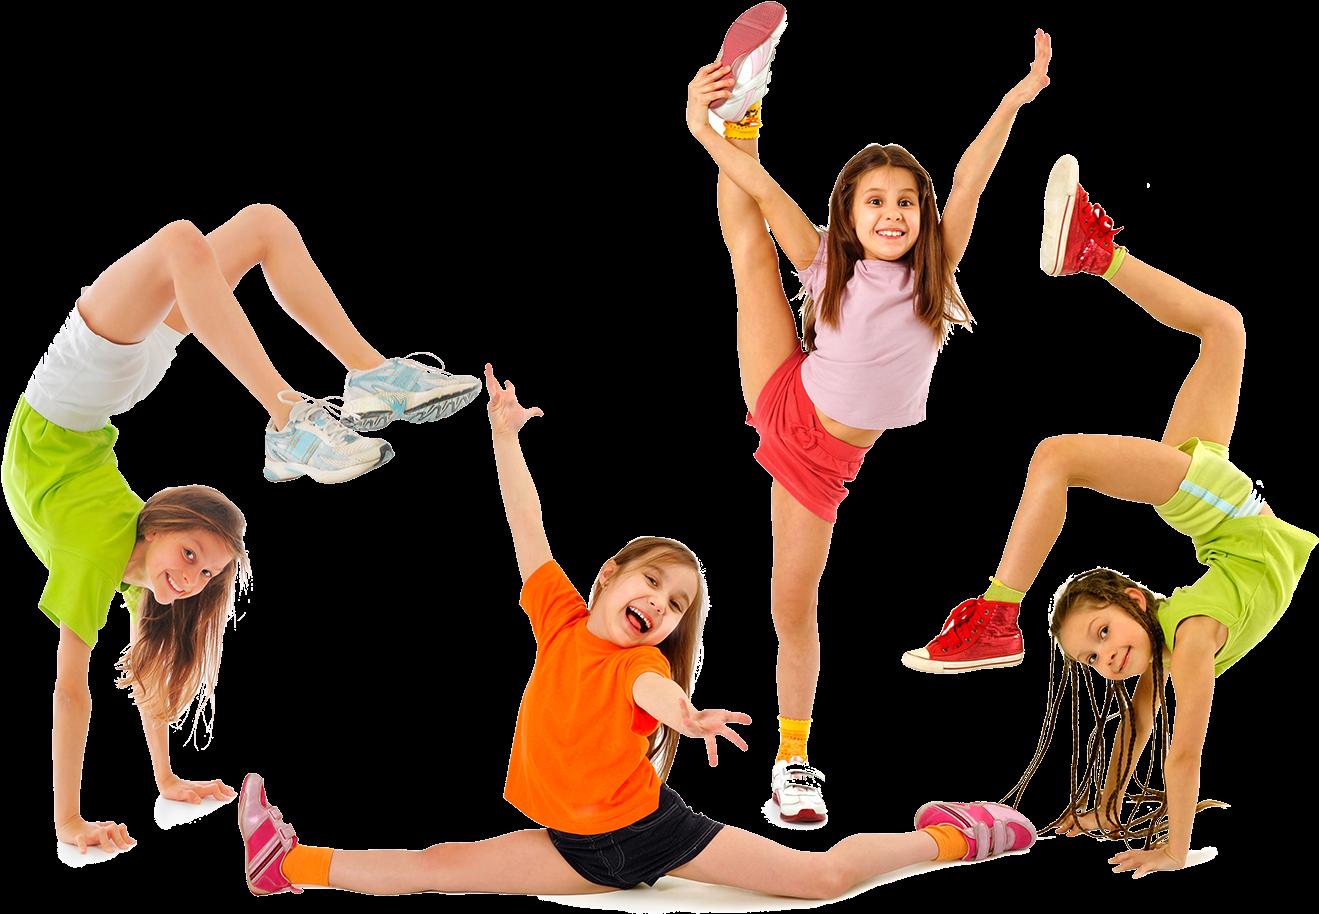 Черлидинг в спорте – помпоны, кричалки, пирамиды, одежда и аксессуары, фильмы про черлидинг